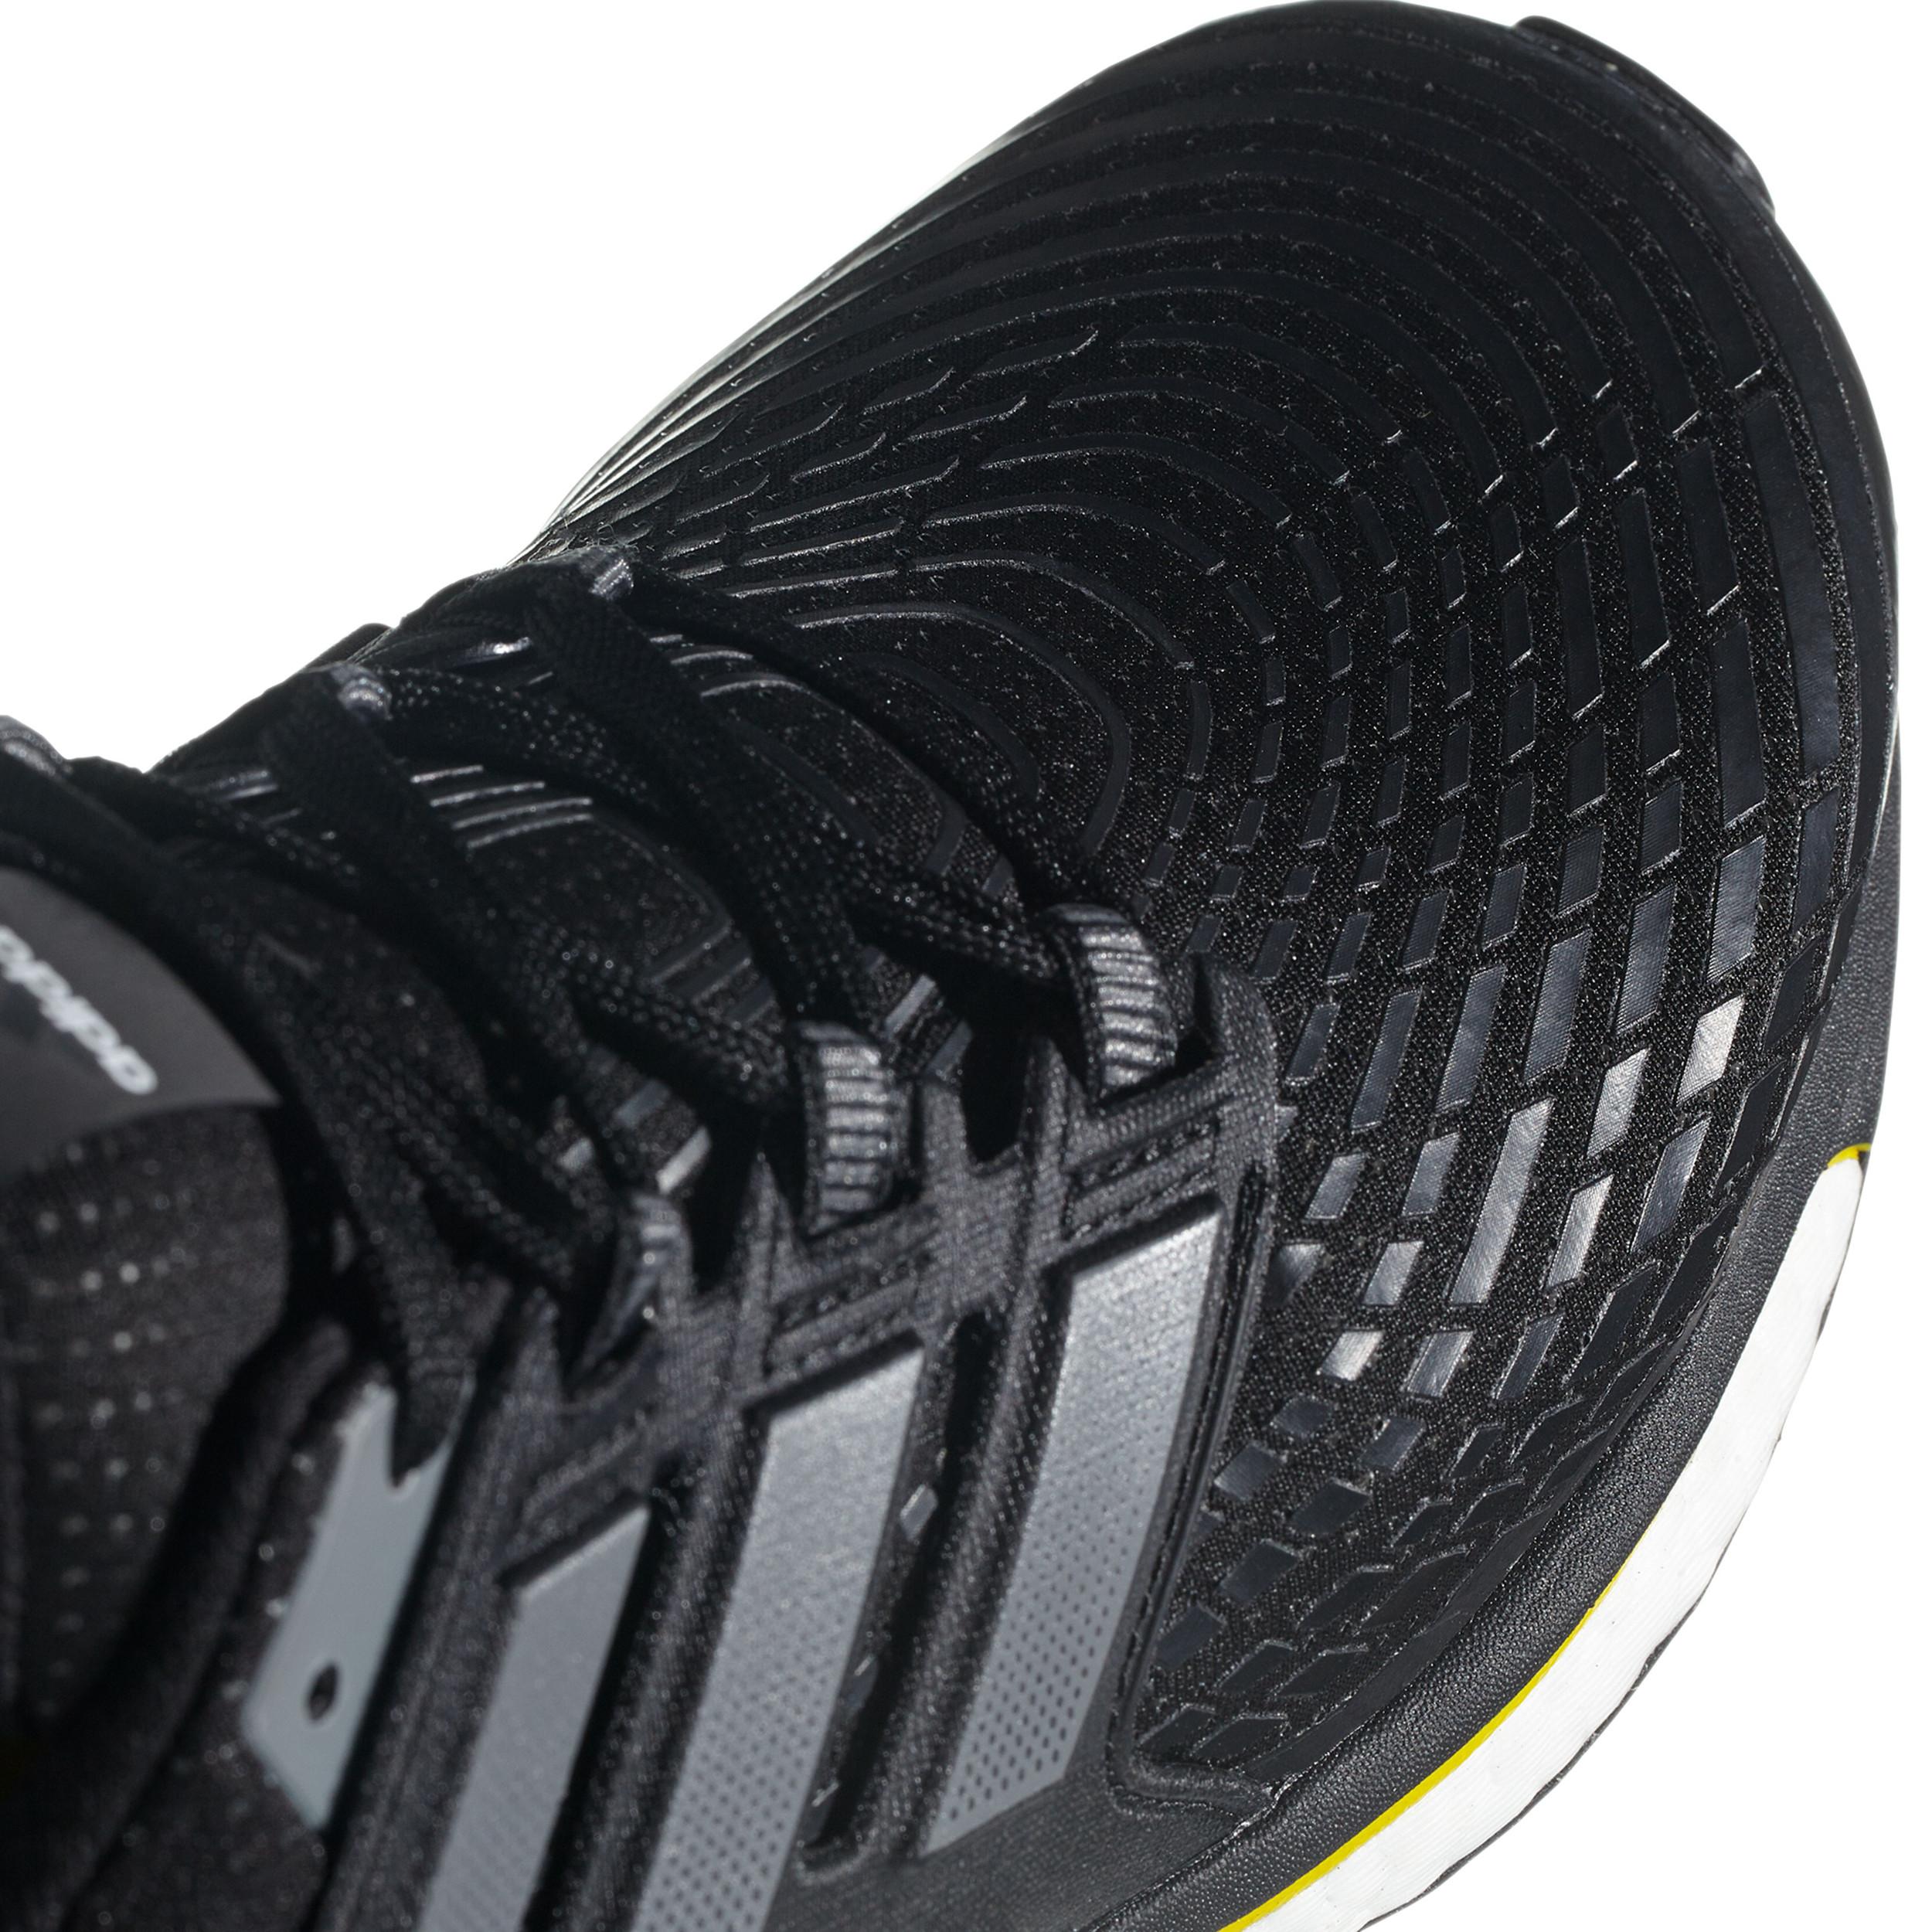 newest bba8a d77cb Adidas Hombre Energy Boost Correr Zapatos Zapatillas Negro Deporte  Transpirable